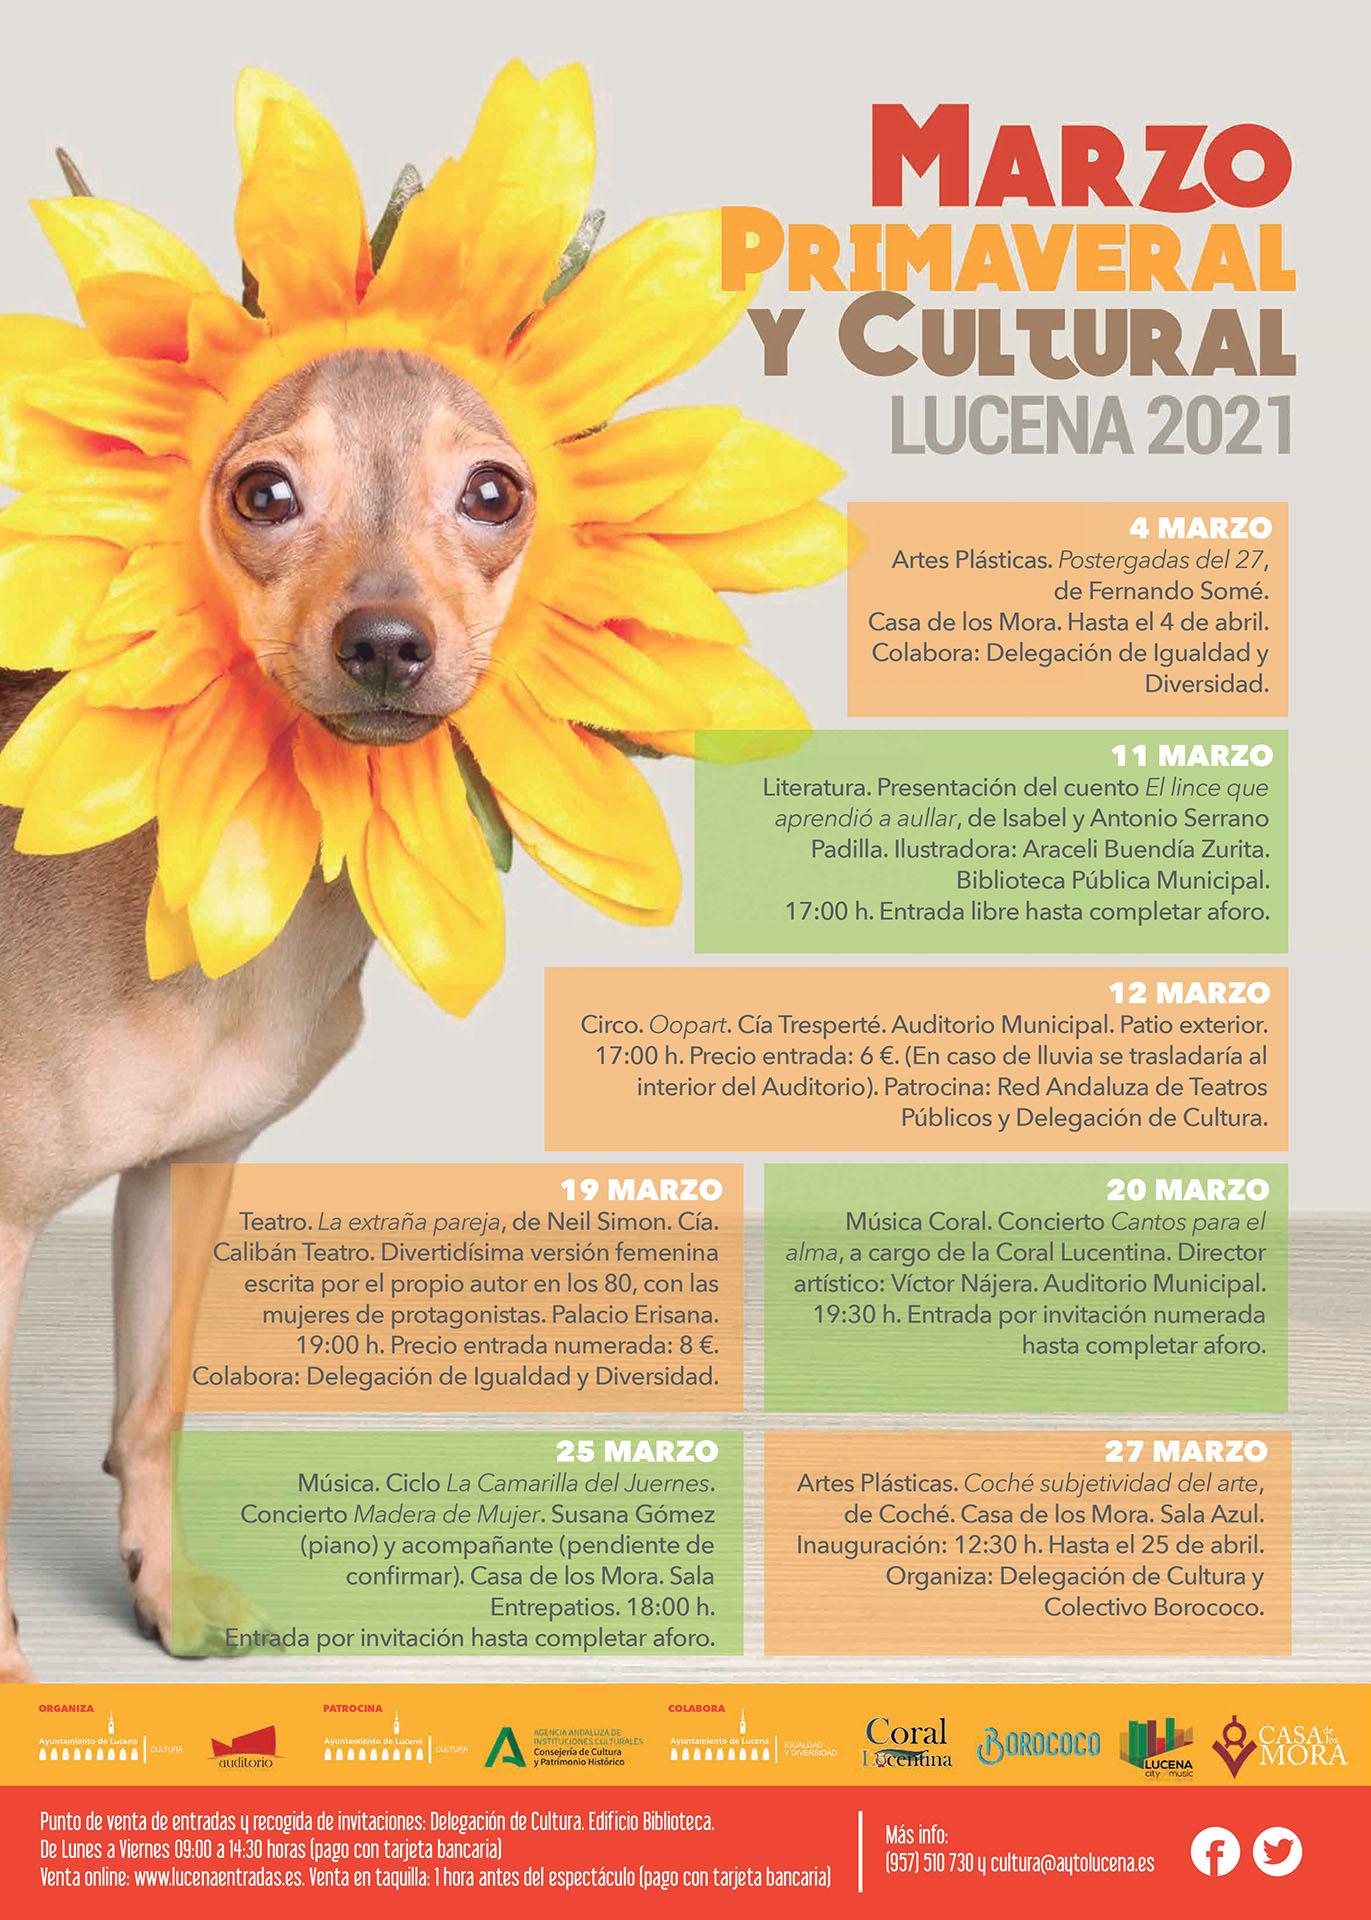 """""""Marzo Primaveral y Cultural"""": exposiciones, teatro, literatura, circo y conciertos @ varios espacios"""